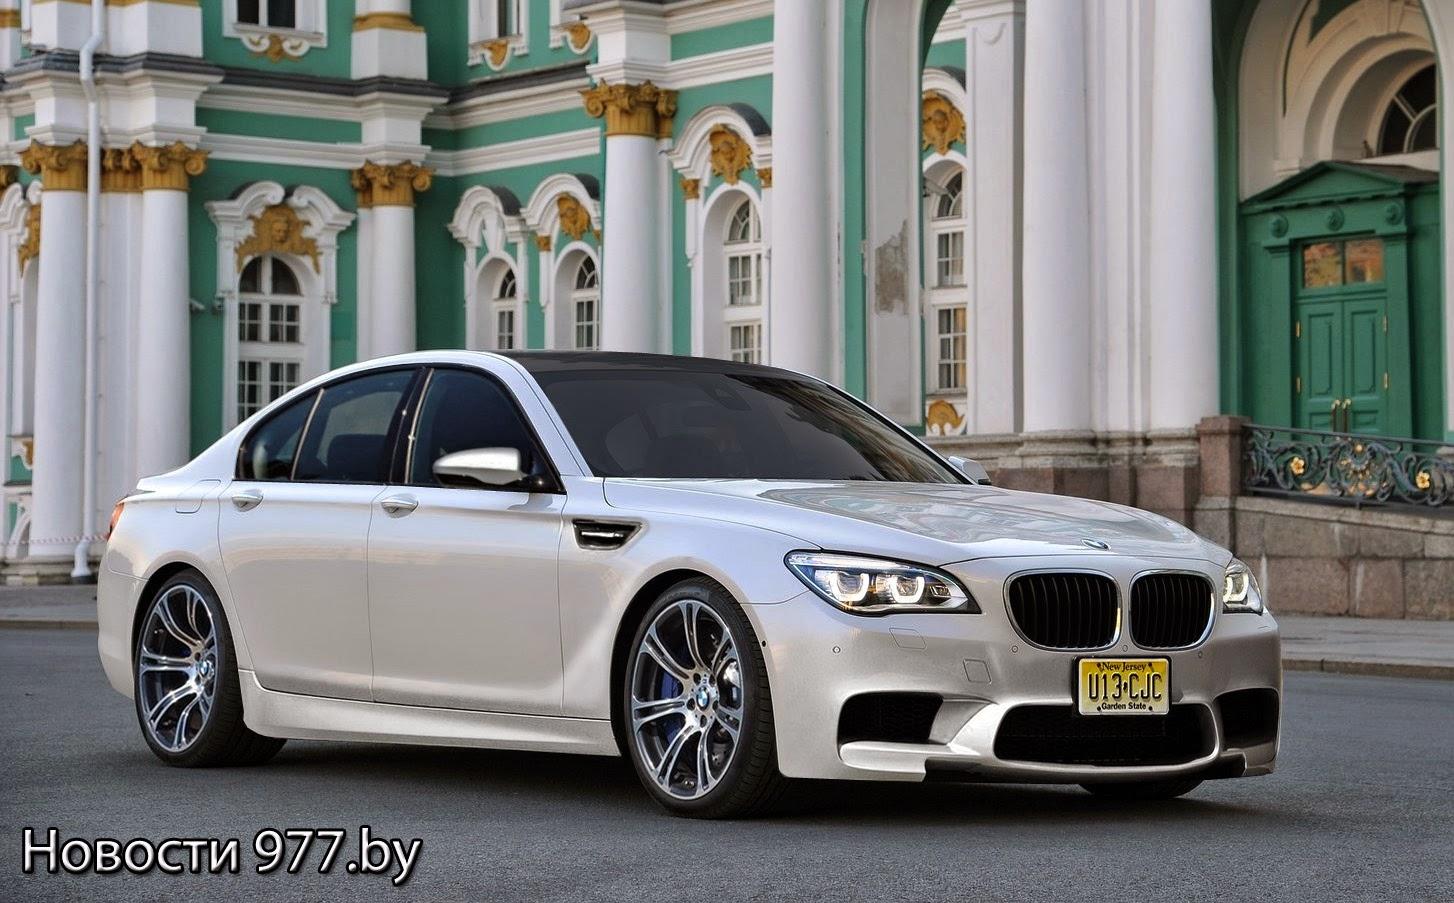 BMW M7 новости 977.by